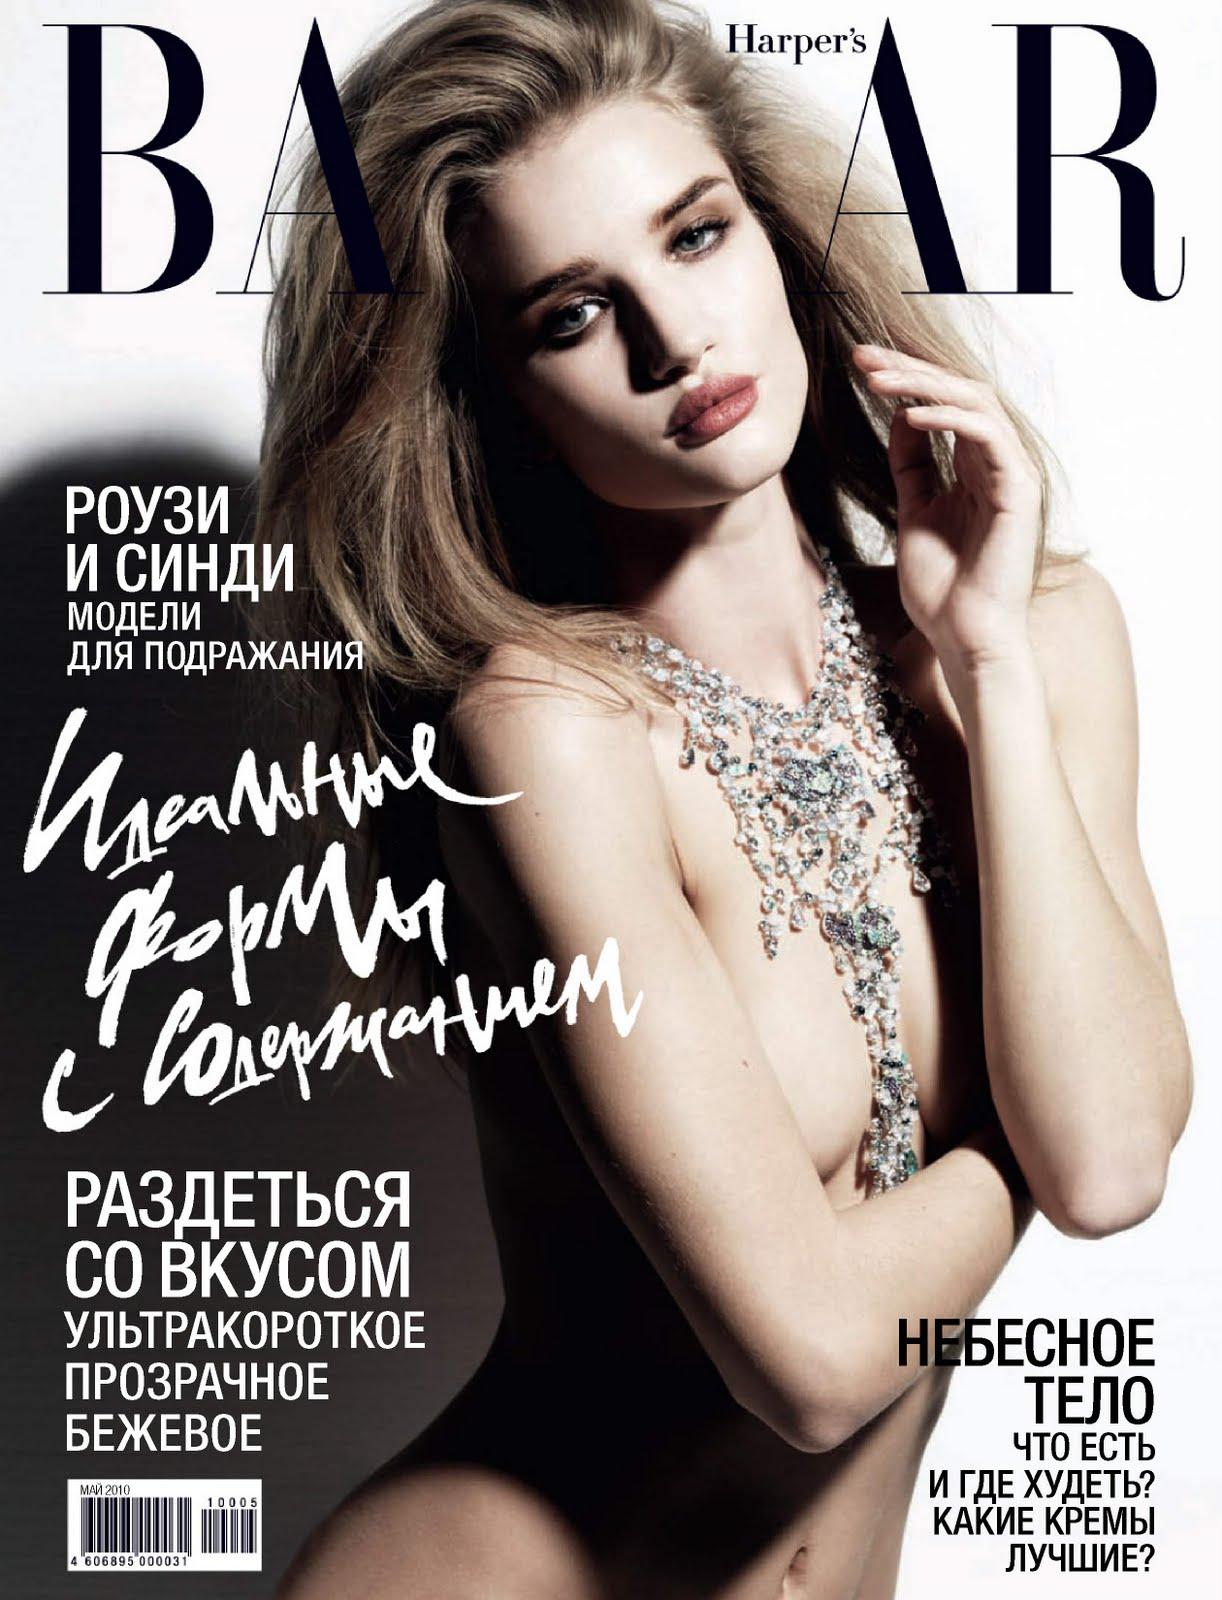 http://3.bp.blogspot.com/_KTqLxxzc3H0/S869NR8p0EI/AAAAAAAAM4o/XIS7hY47wHQ/s1600/05308_RosieHuntington_Whiteley_HarpersBazaarRussia_May2010_122_562lo.jpg